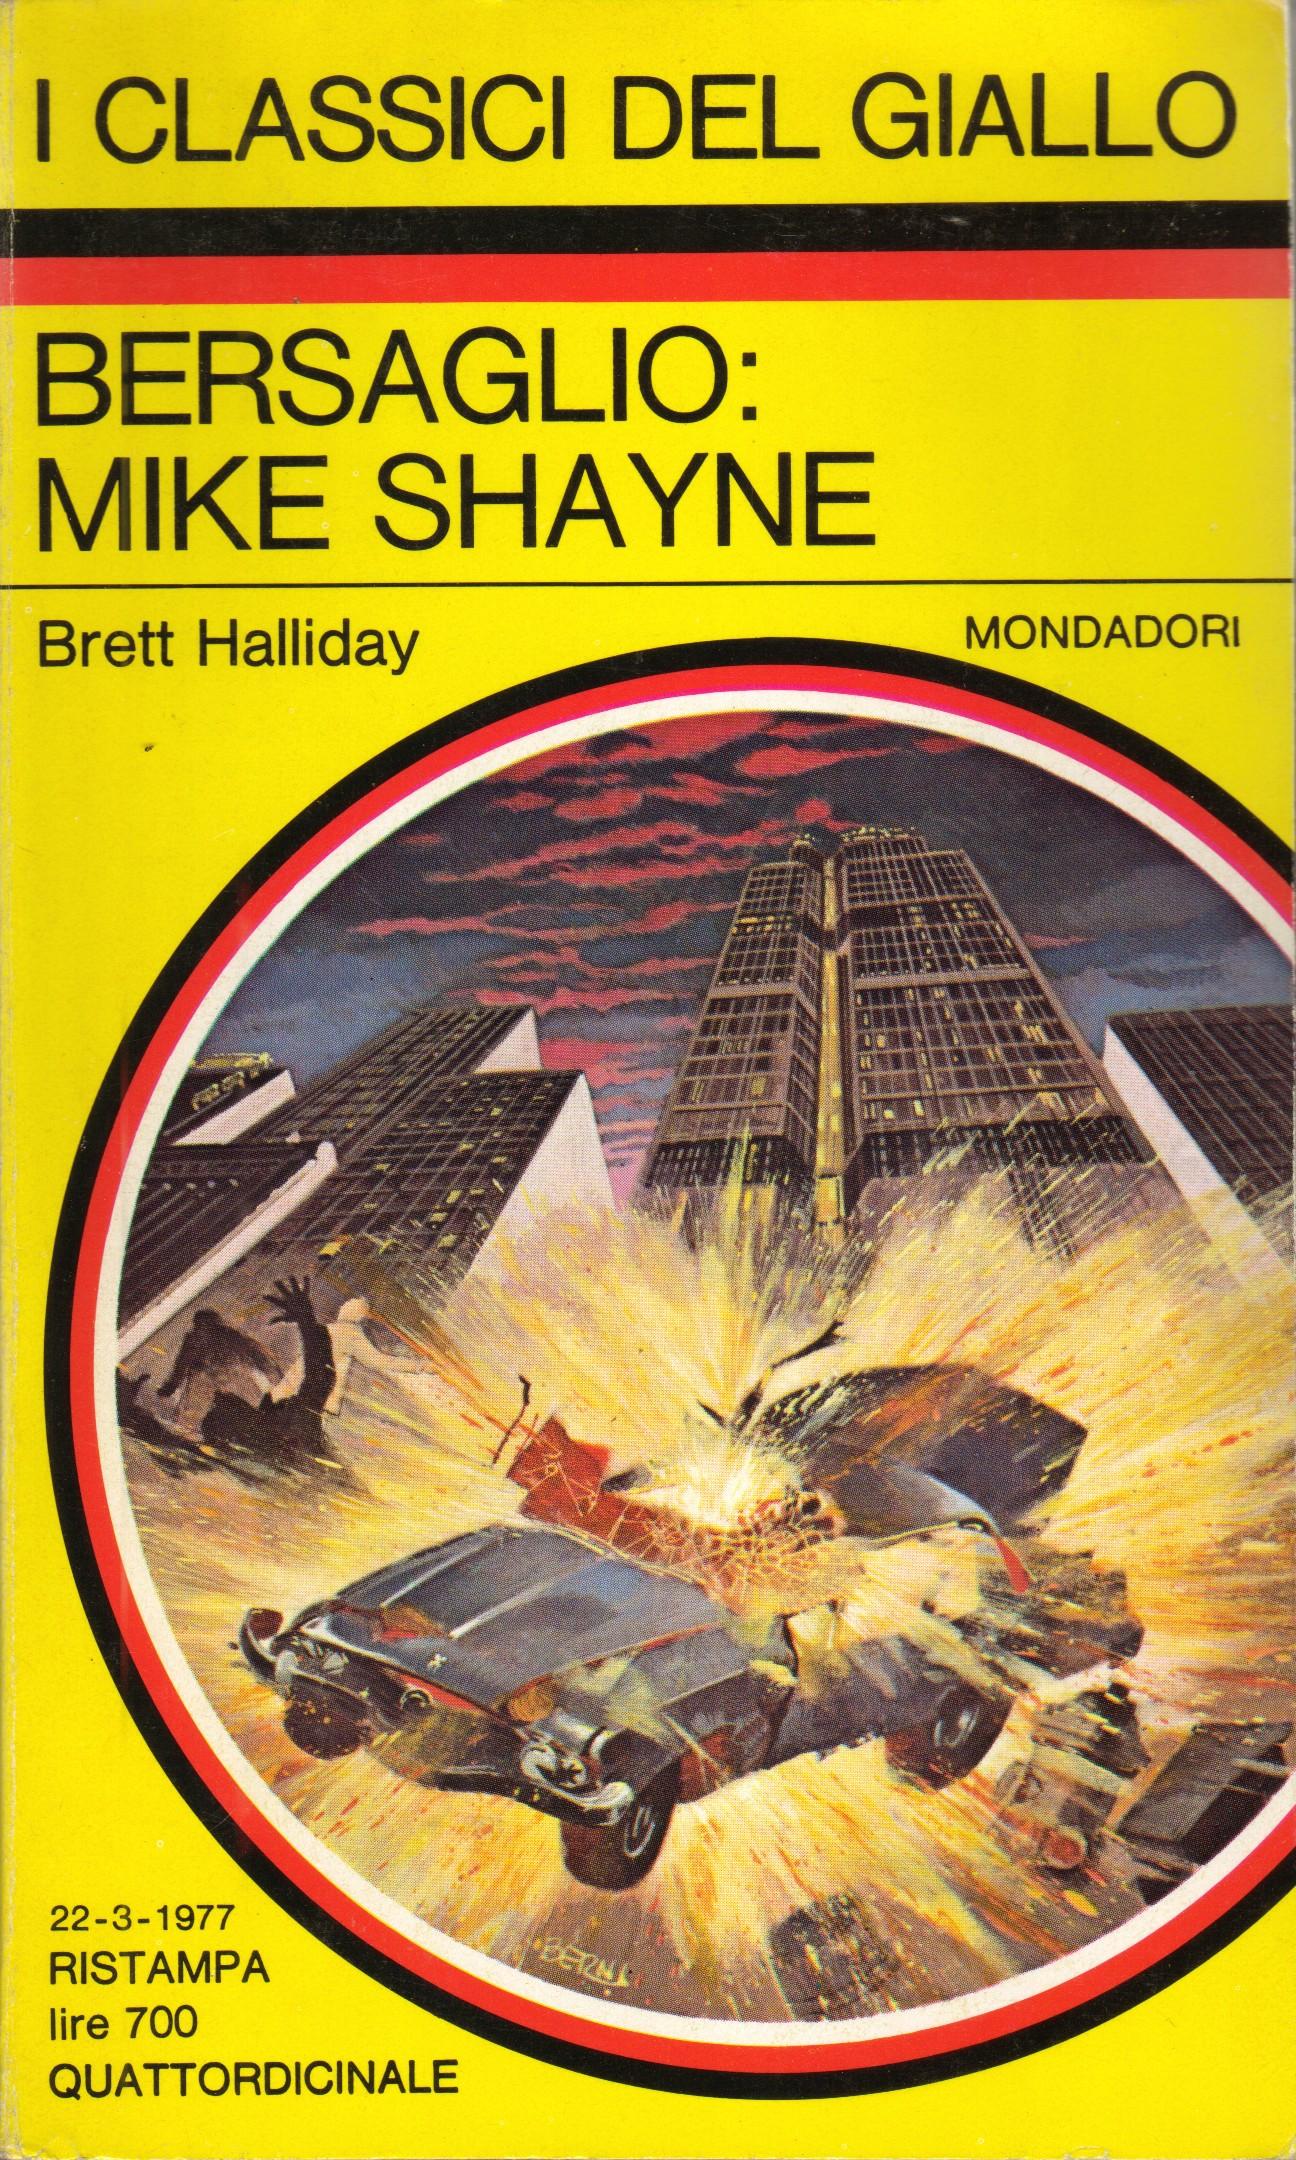 Bersaglio: Mike Shayne